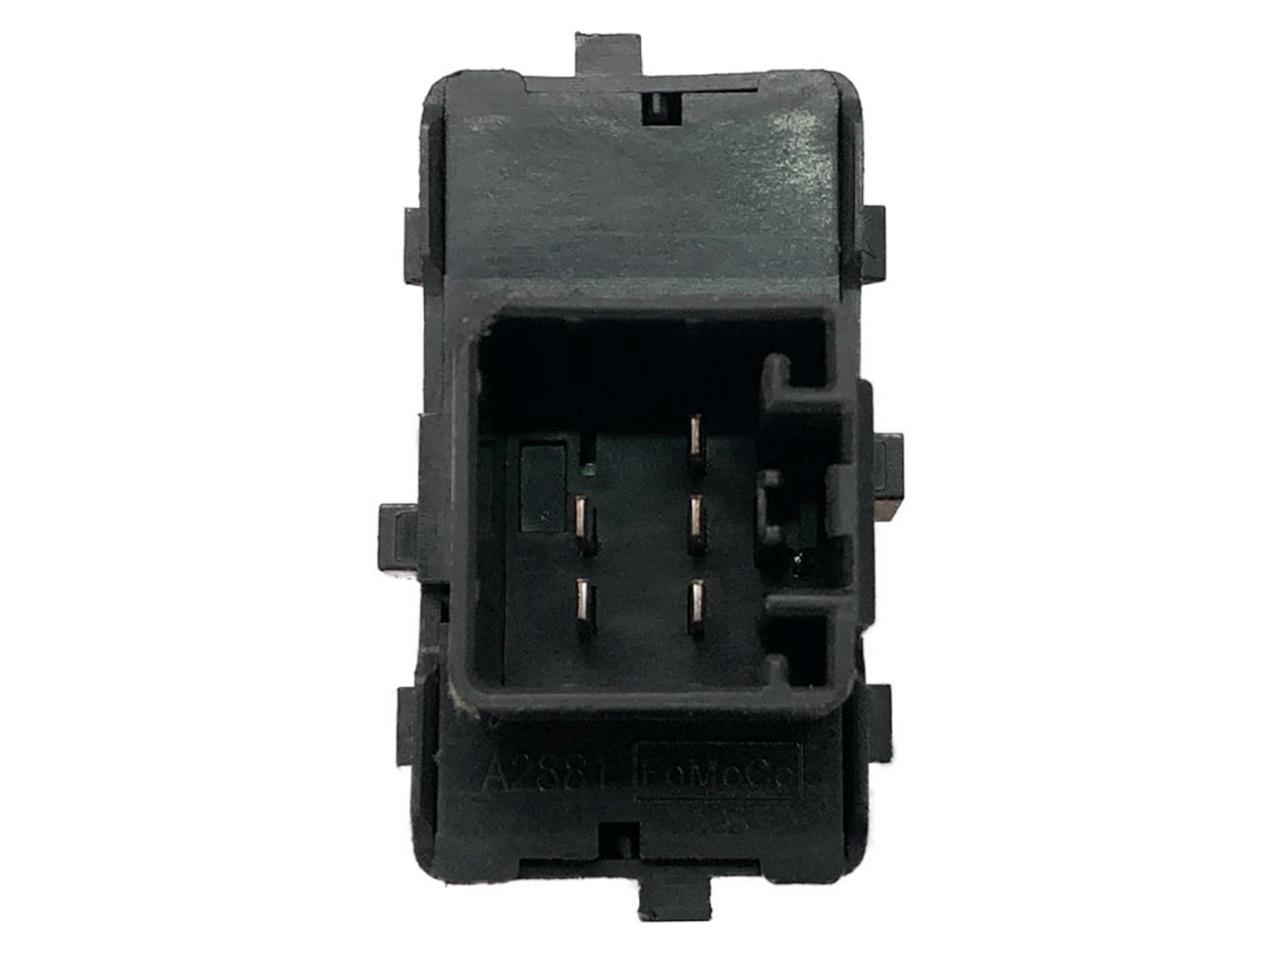 Botão Interruptor de Vidro Elétrico Simples Dianteiro Direito ou Traseiro 7l2t14529aaw Ford Fusion 06 07 08 09